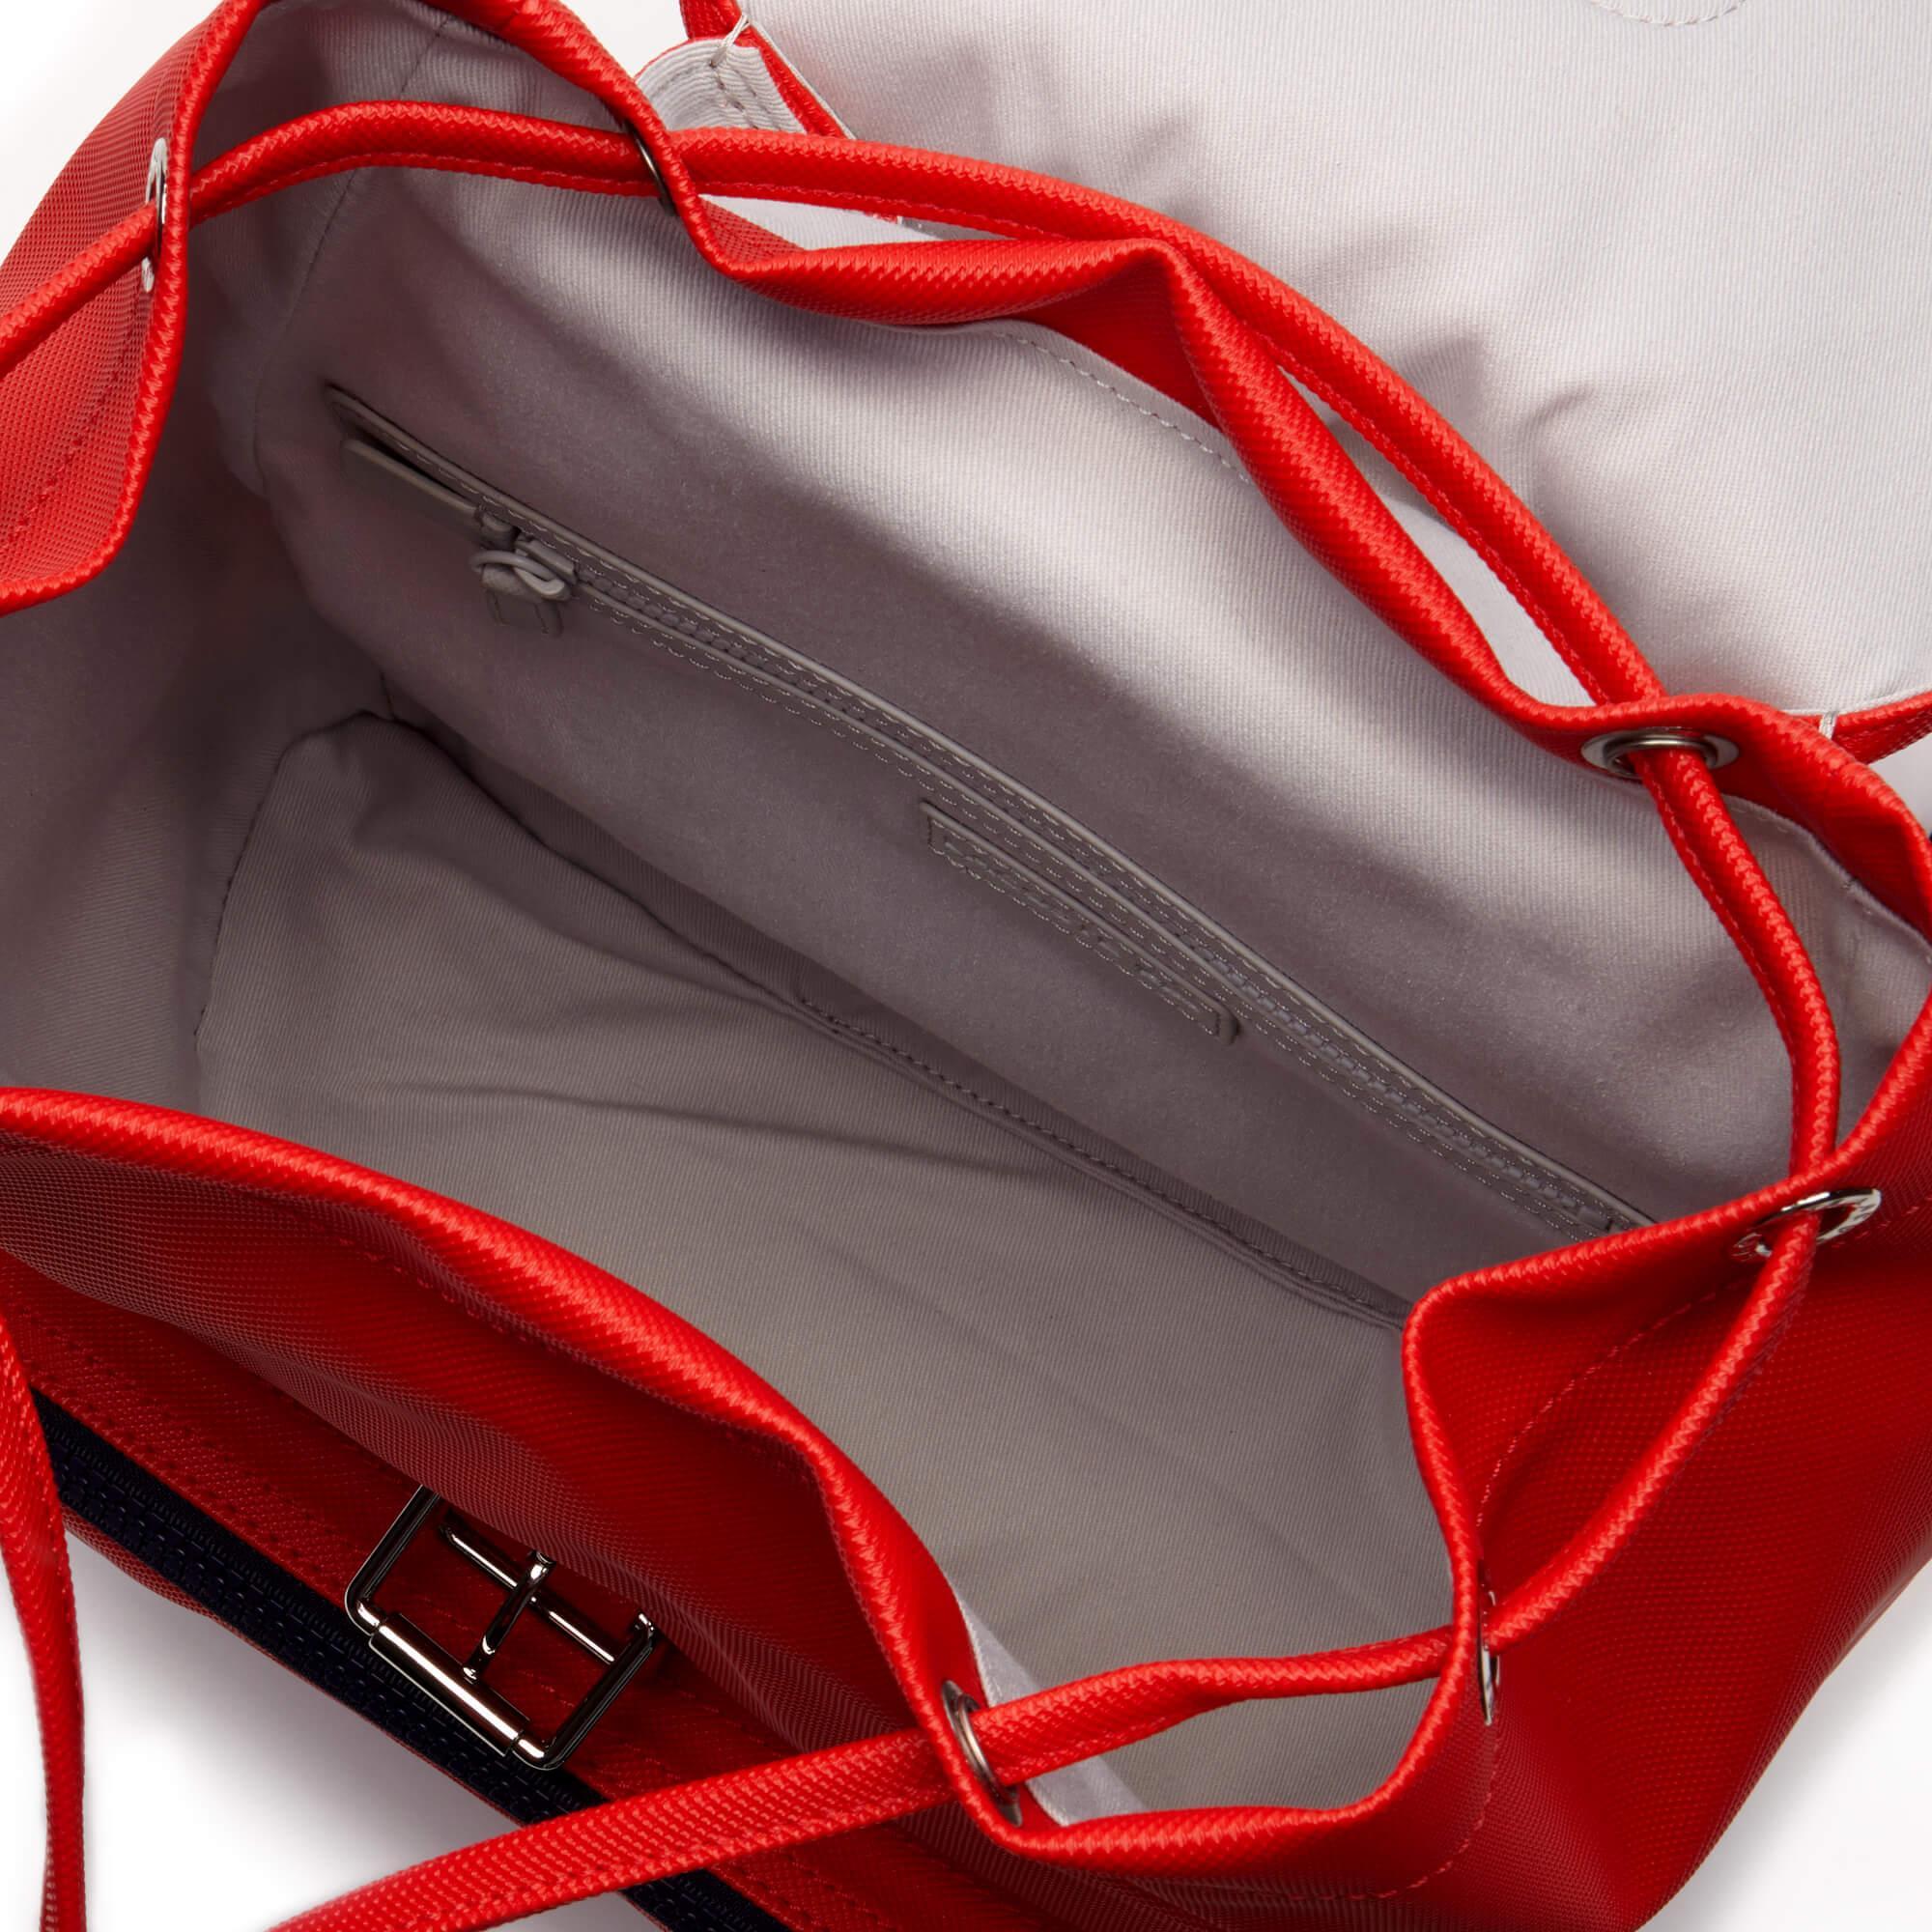 Lacoste Kadın Kırmızı Sırt Çantası